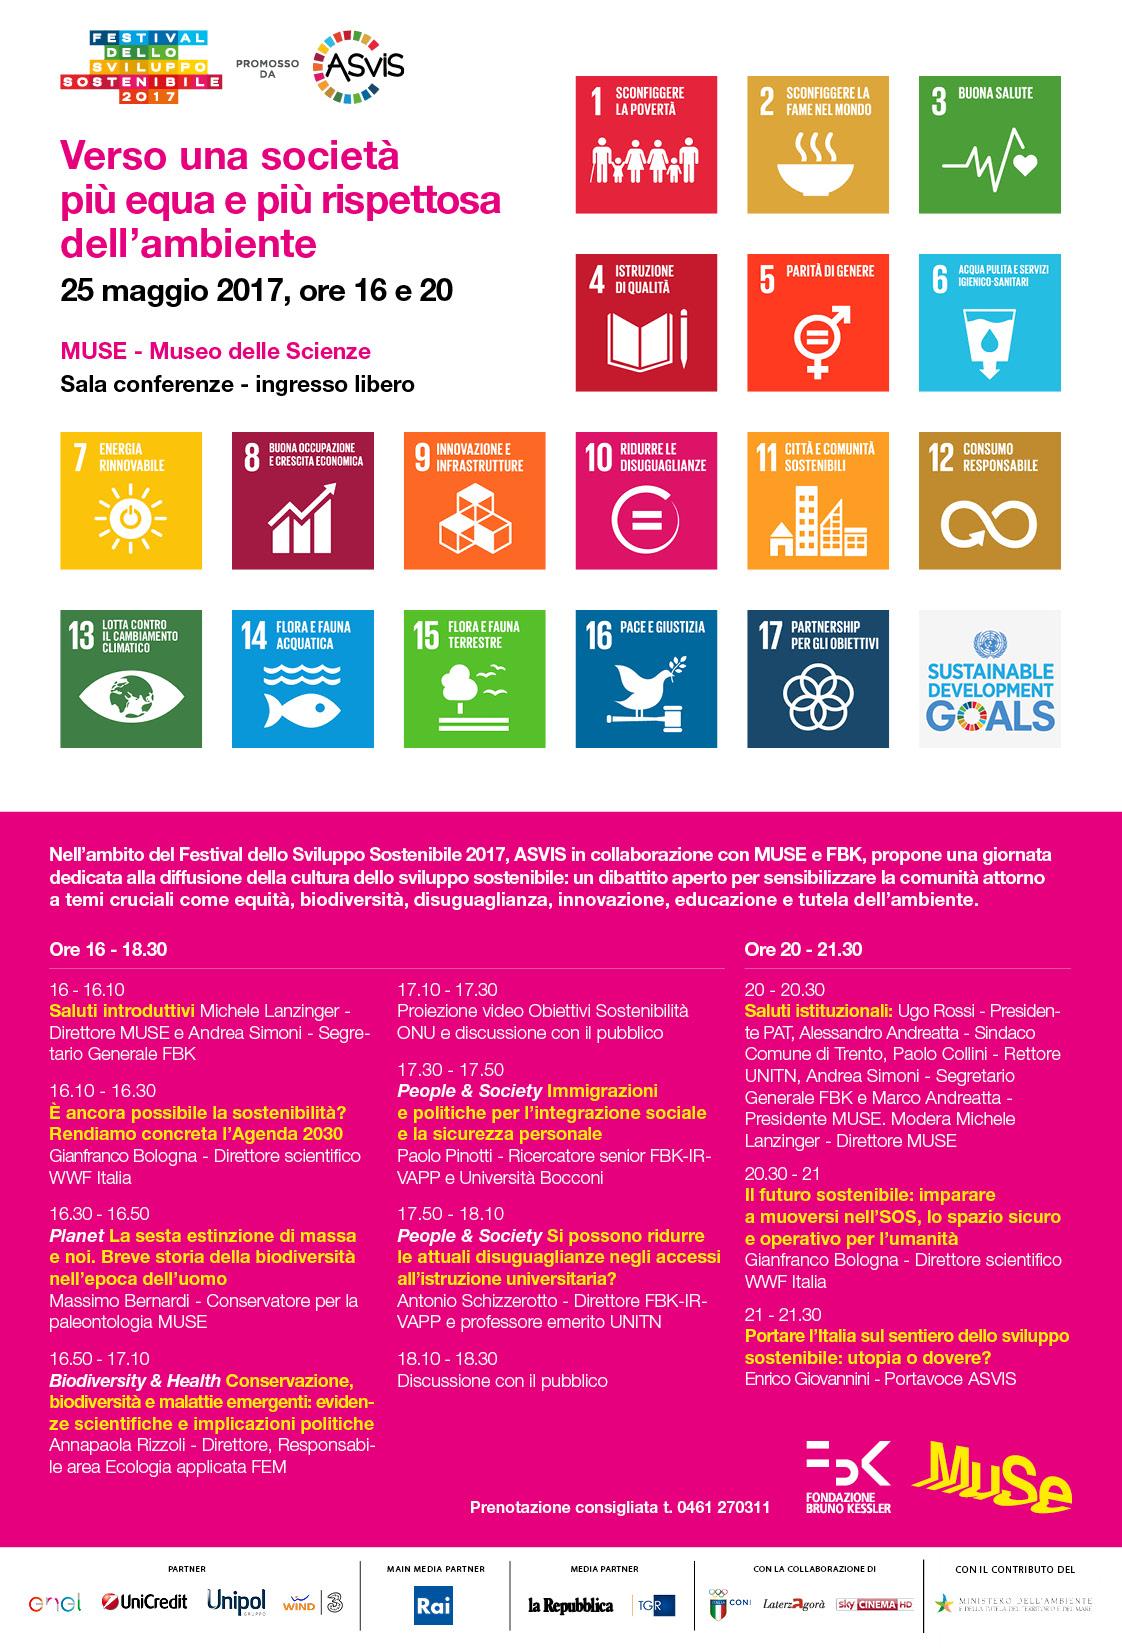 MUSE Museo delle Scienze, invito evento Festival dello Sviluppo Sostenibile